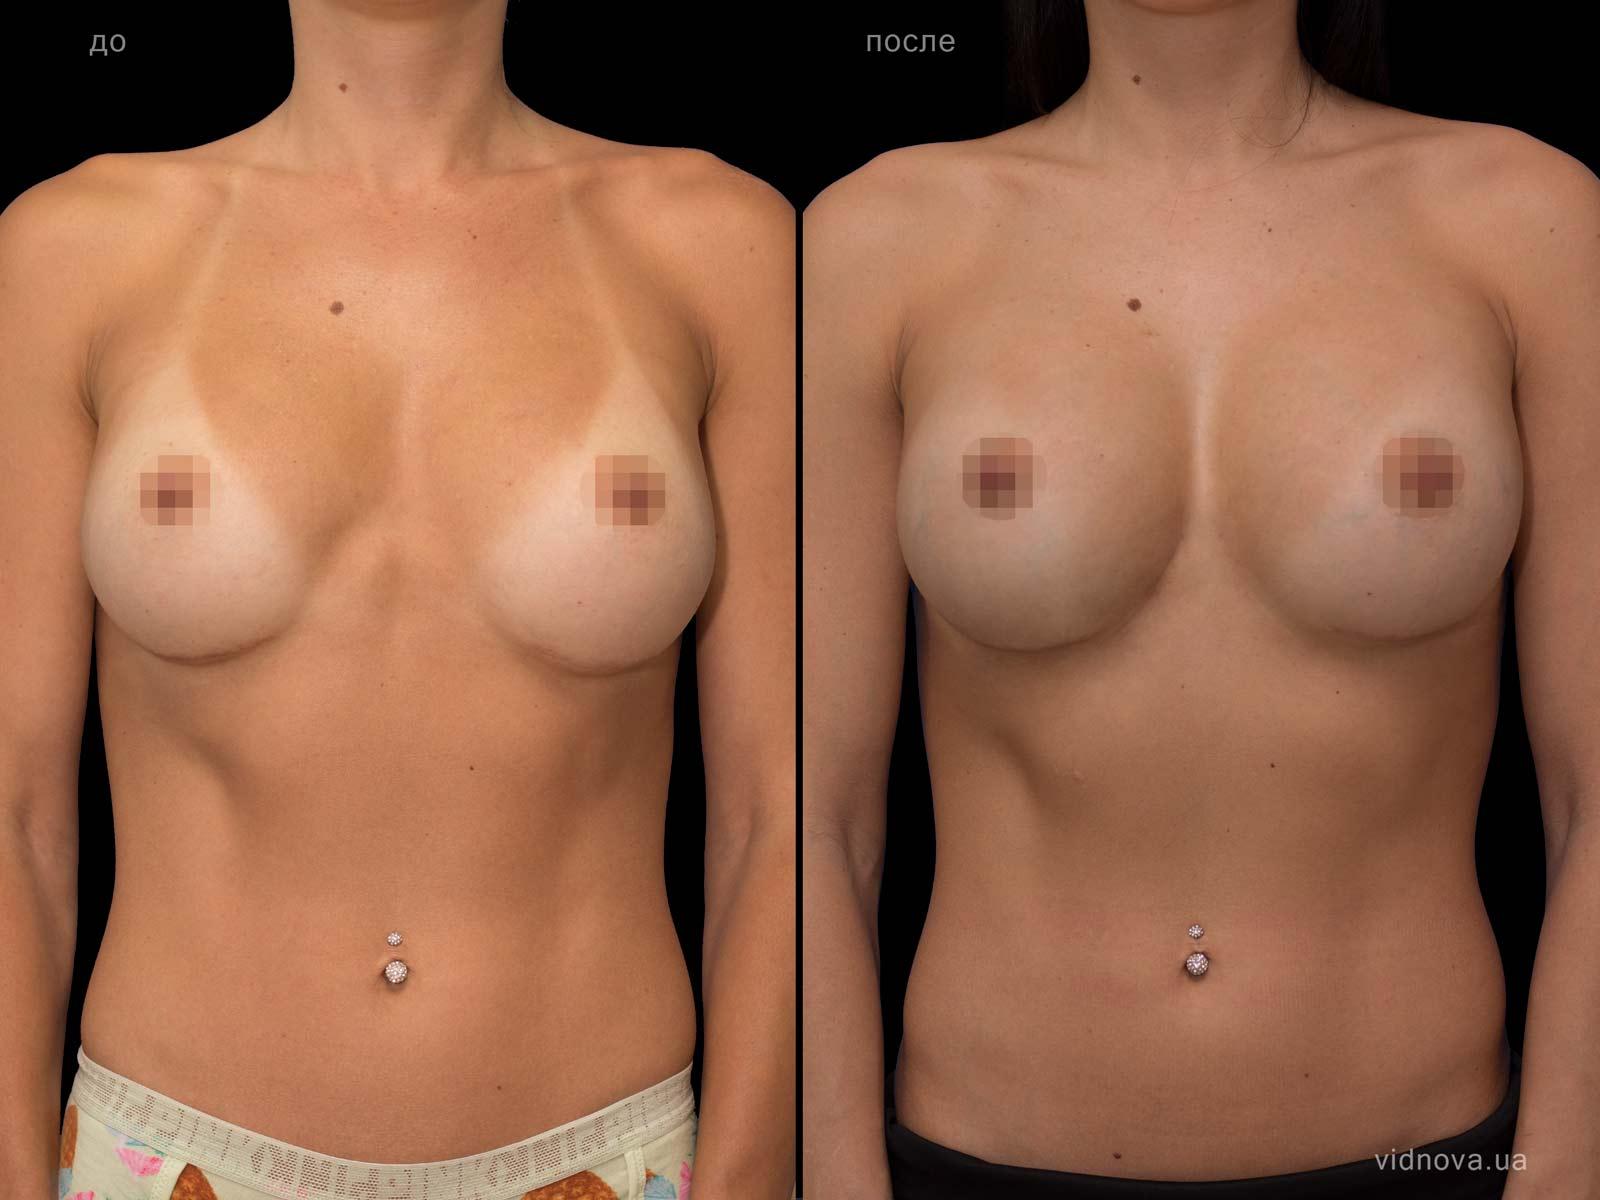 Пластика груди: результаты до и после - Пример №72-0 - Светлана Работенко